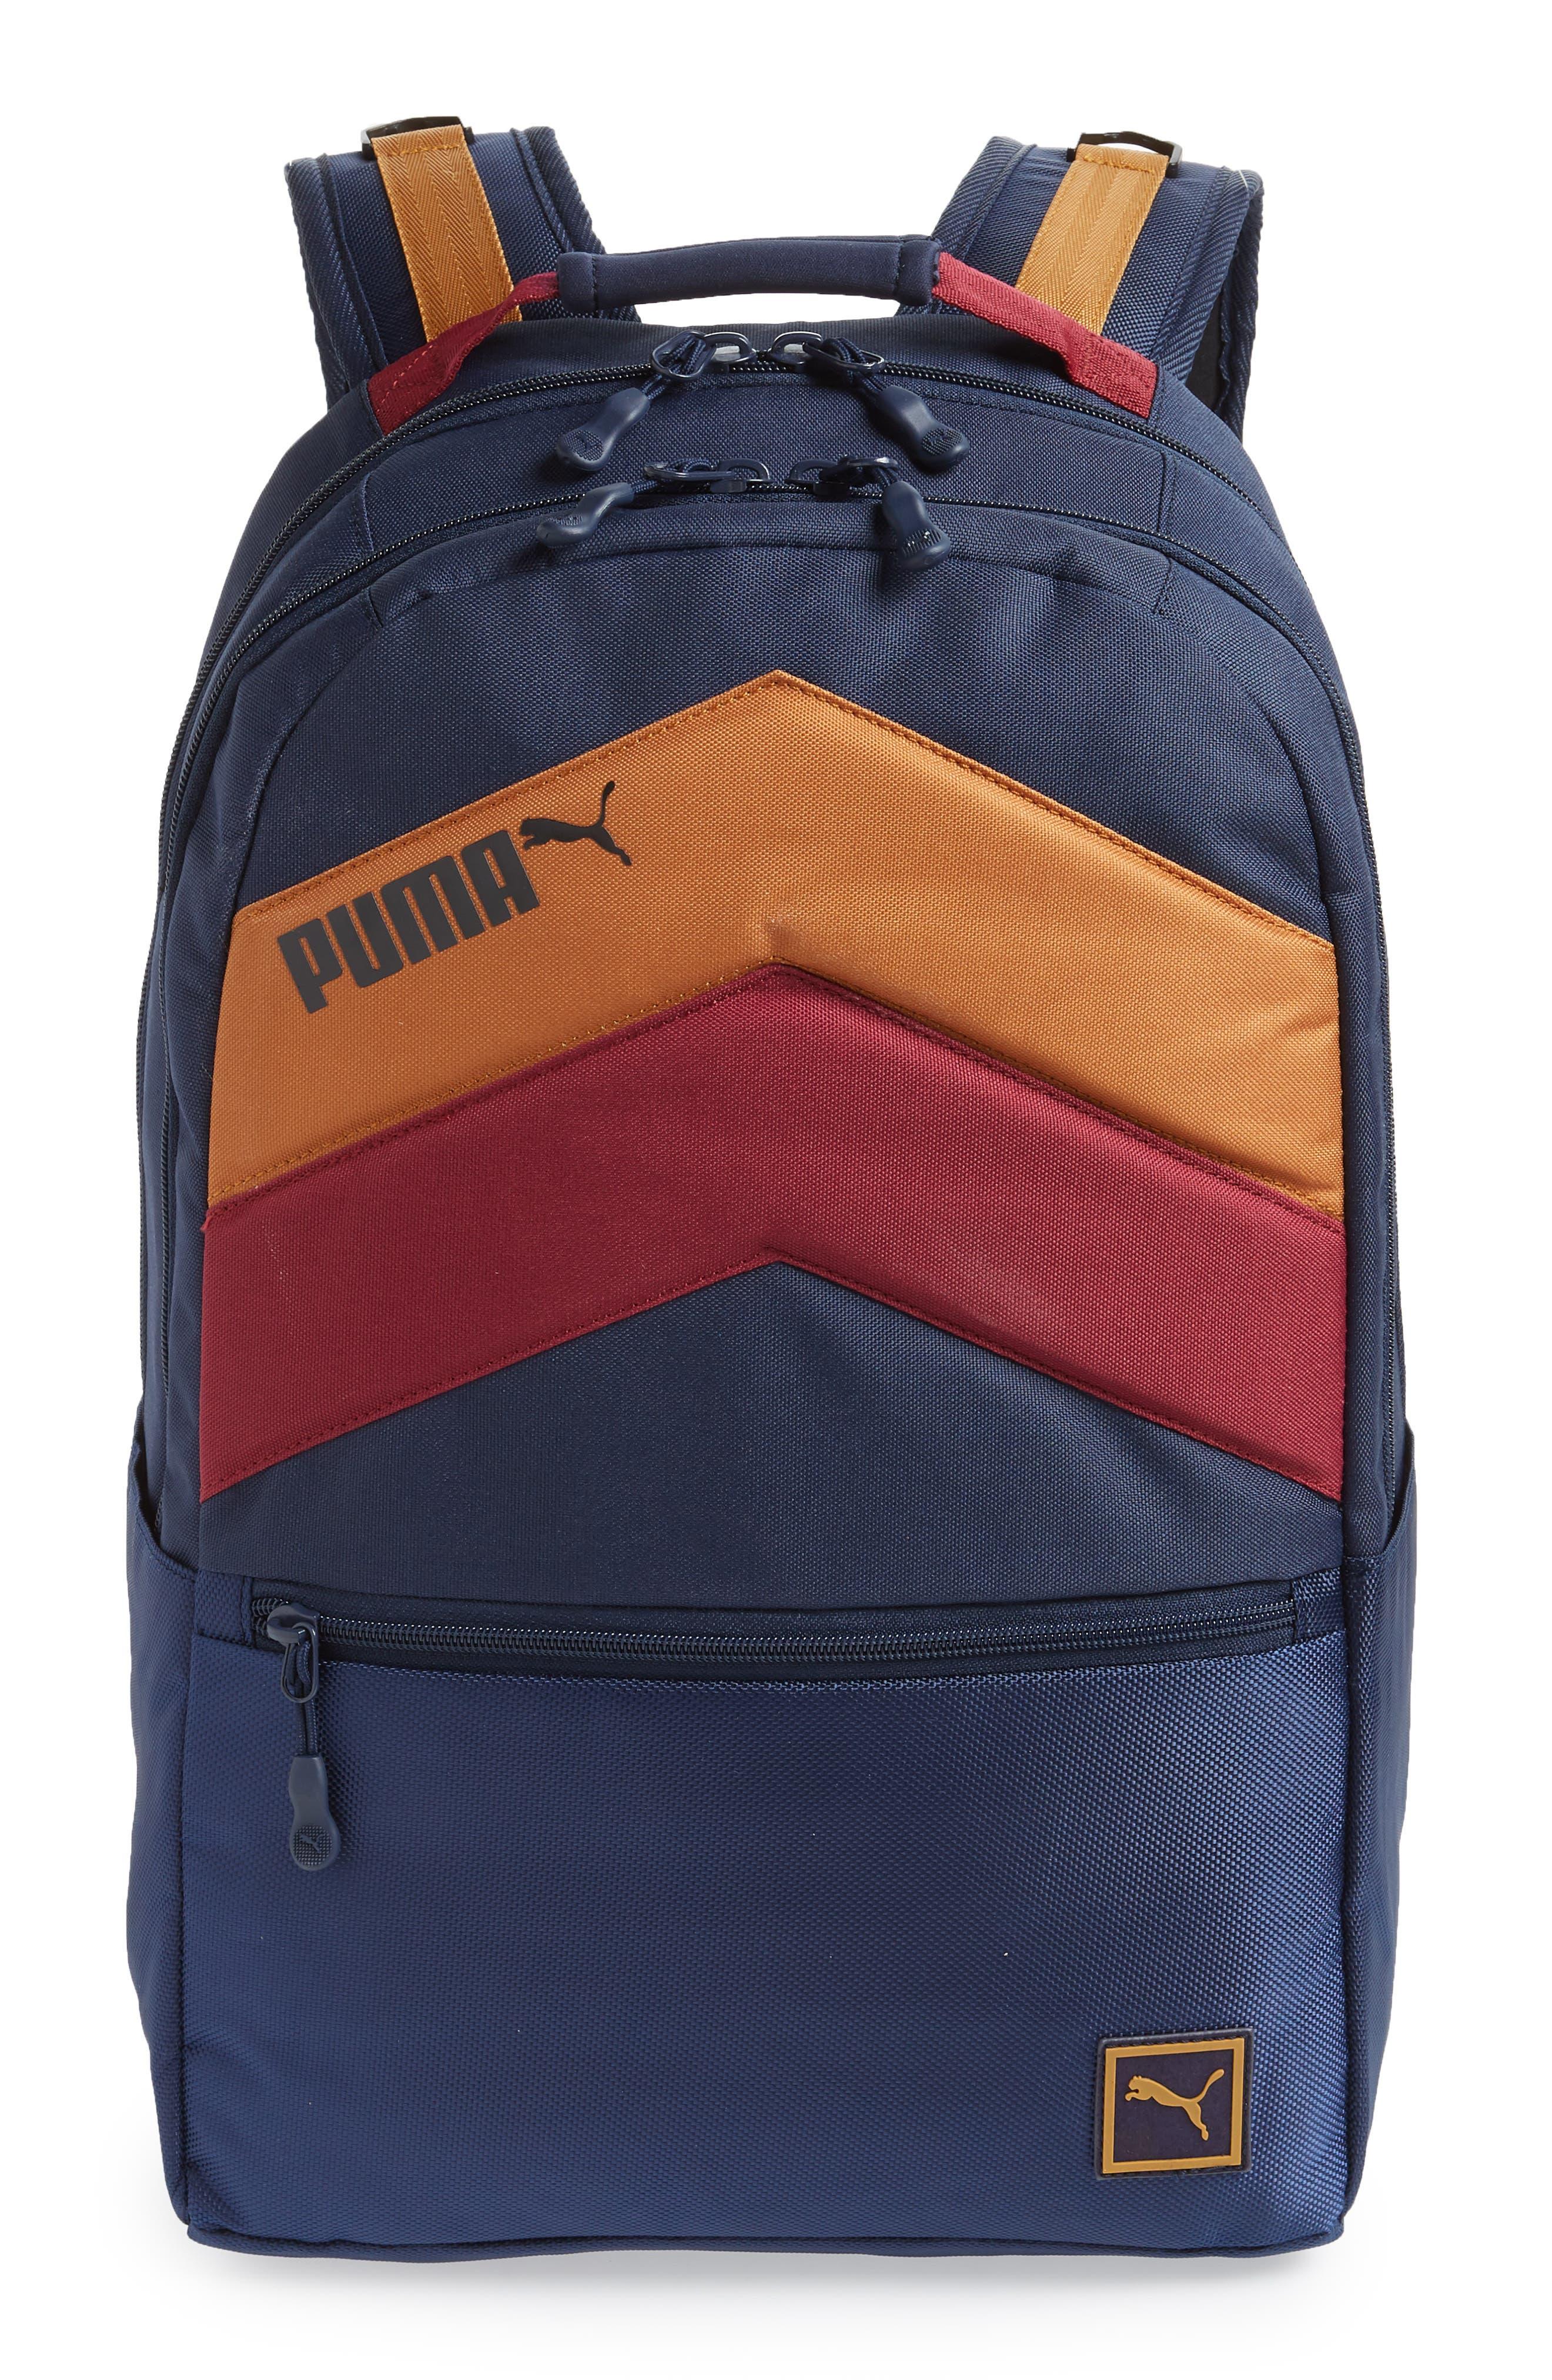 Puma Ready Backpack -